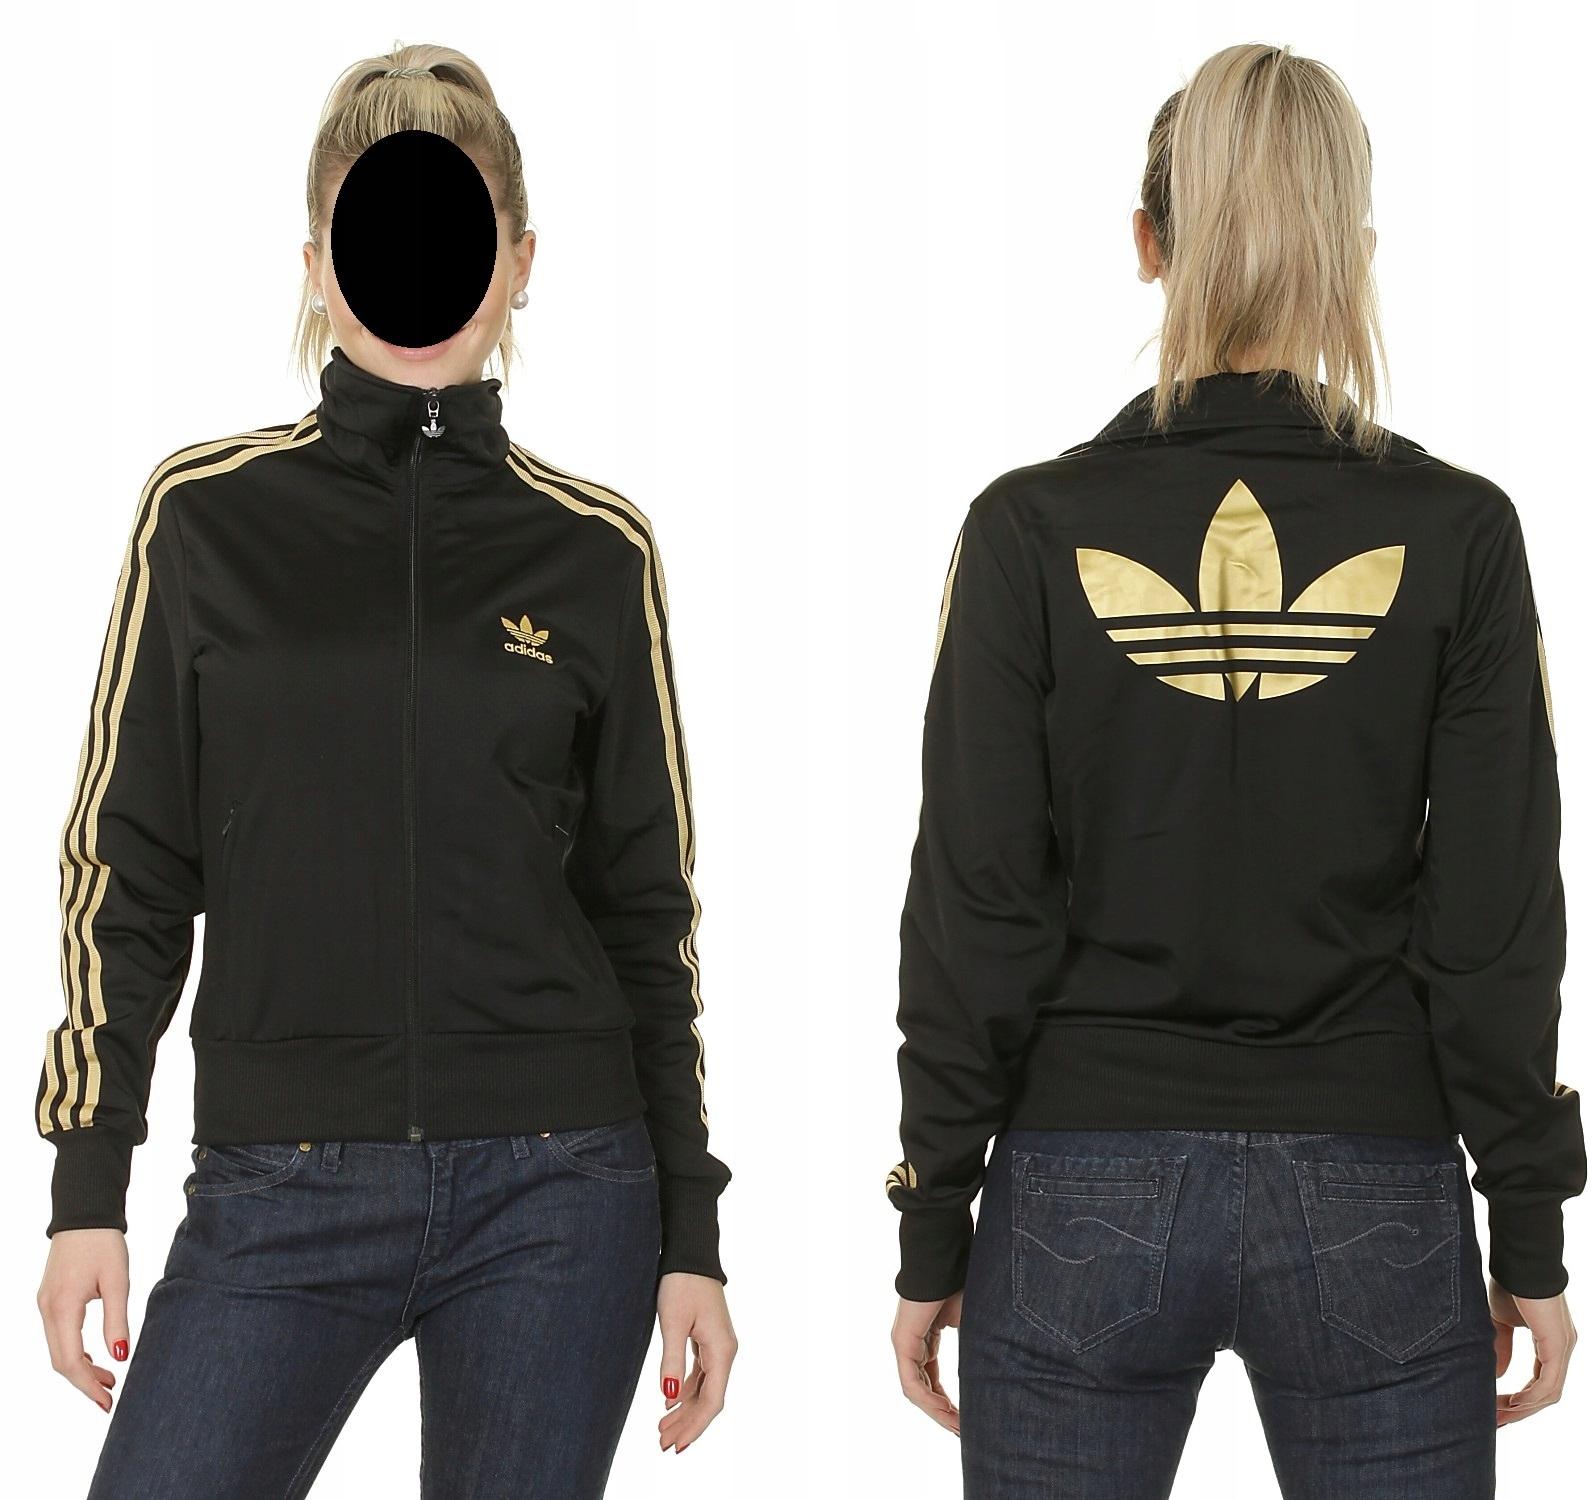 później dostępny tania wyprzedaż usa Bluza adidas Firebird S damska gold BIG logo - 7464146699 ...